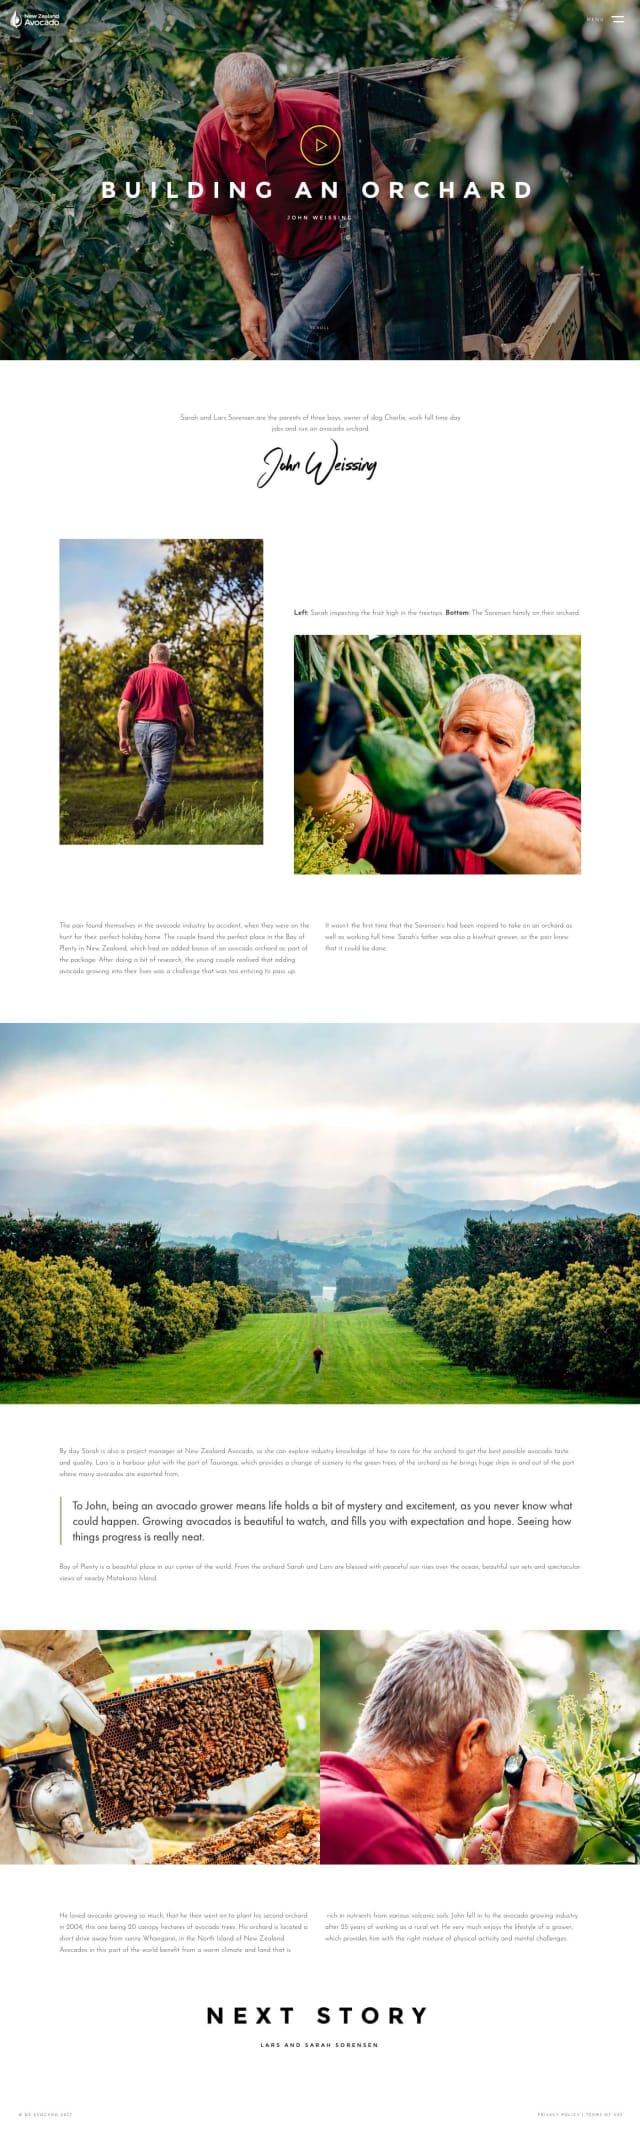 NZ Avocado Story